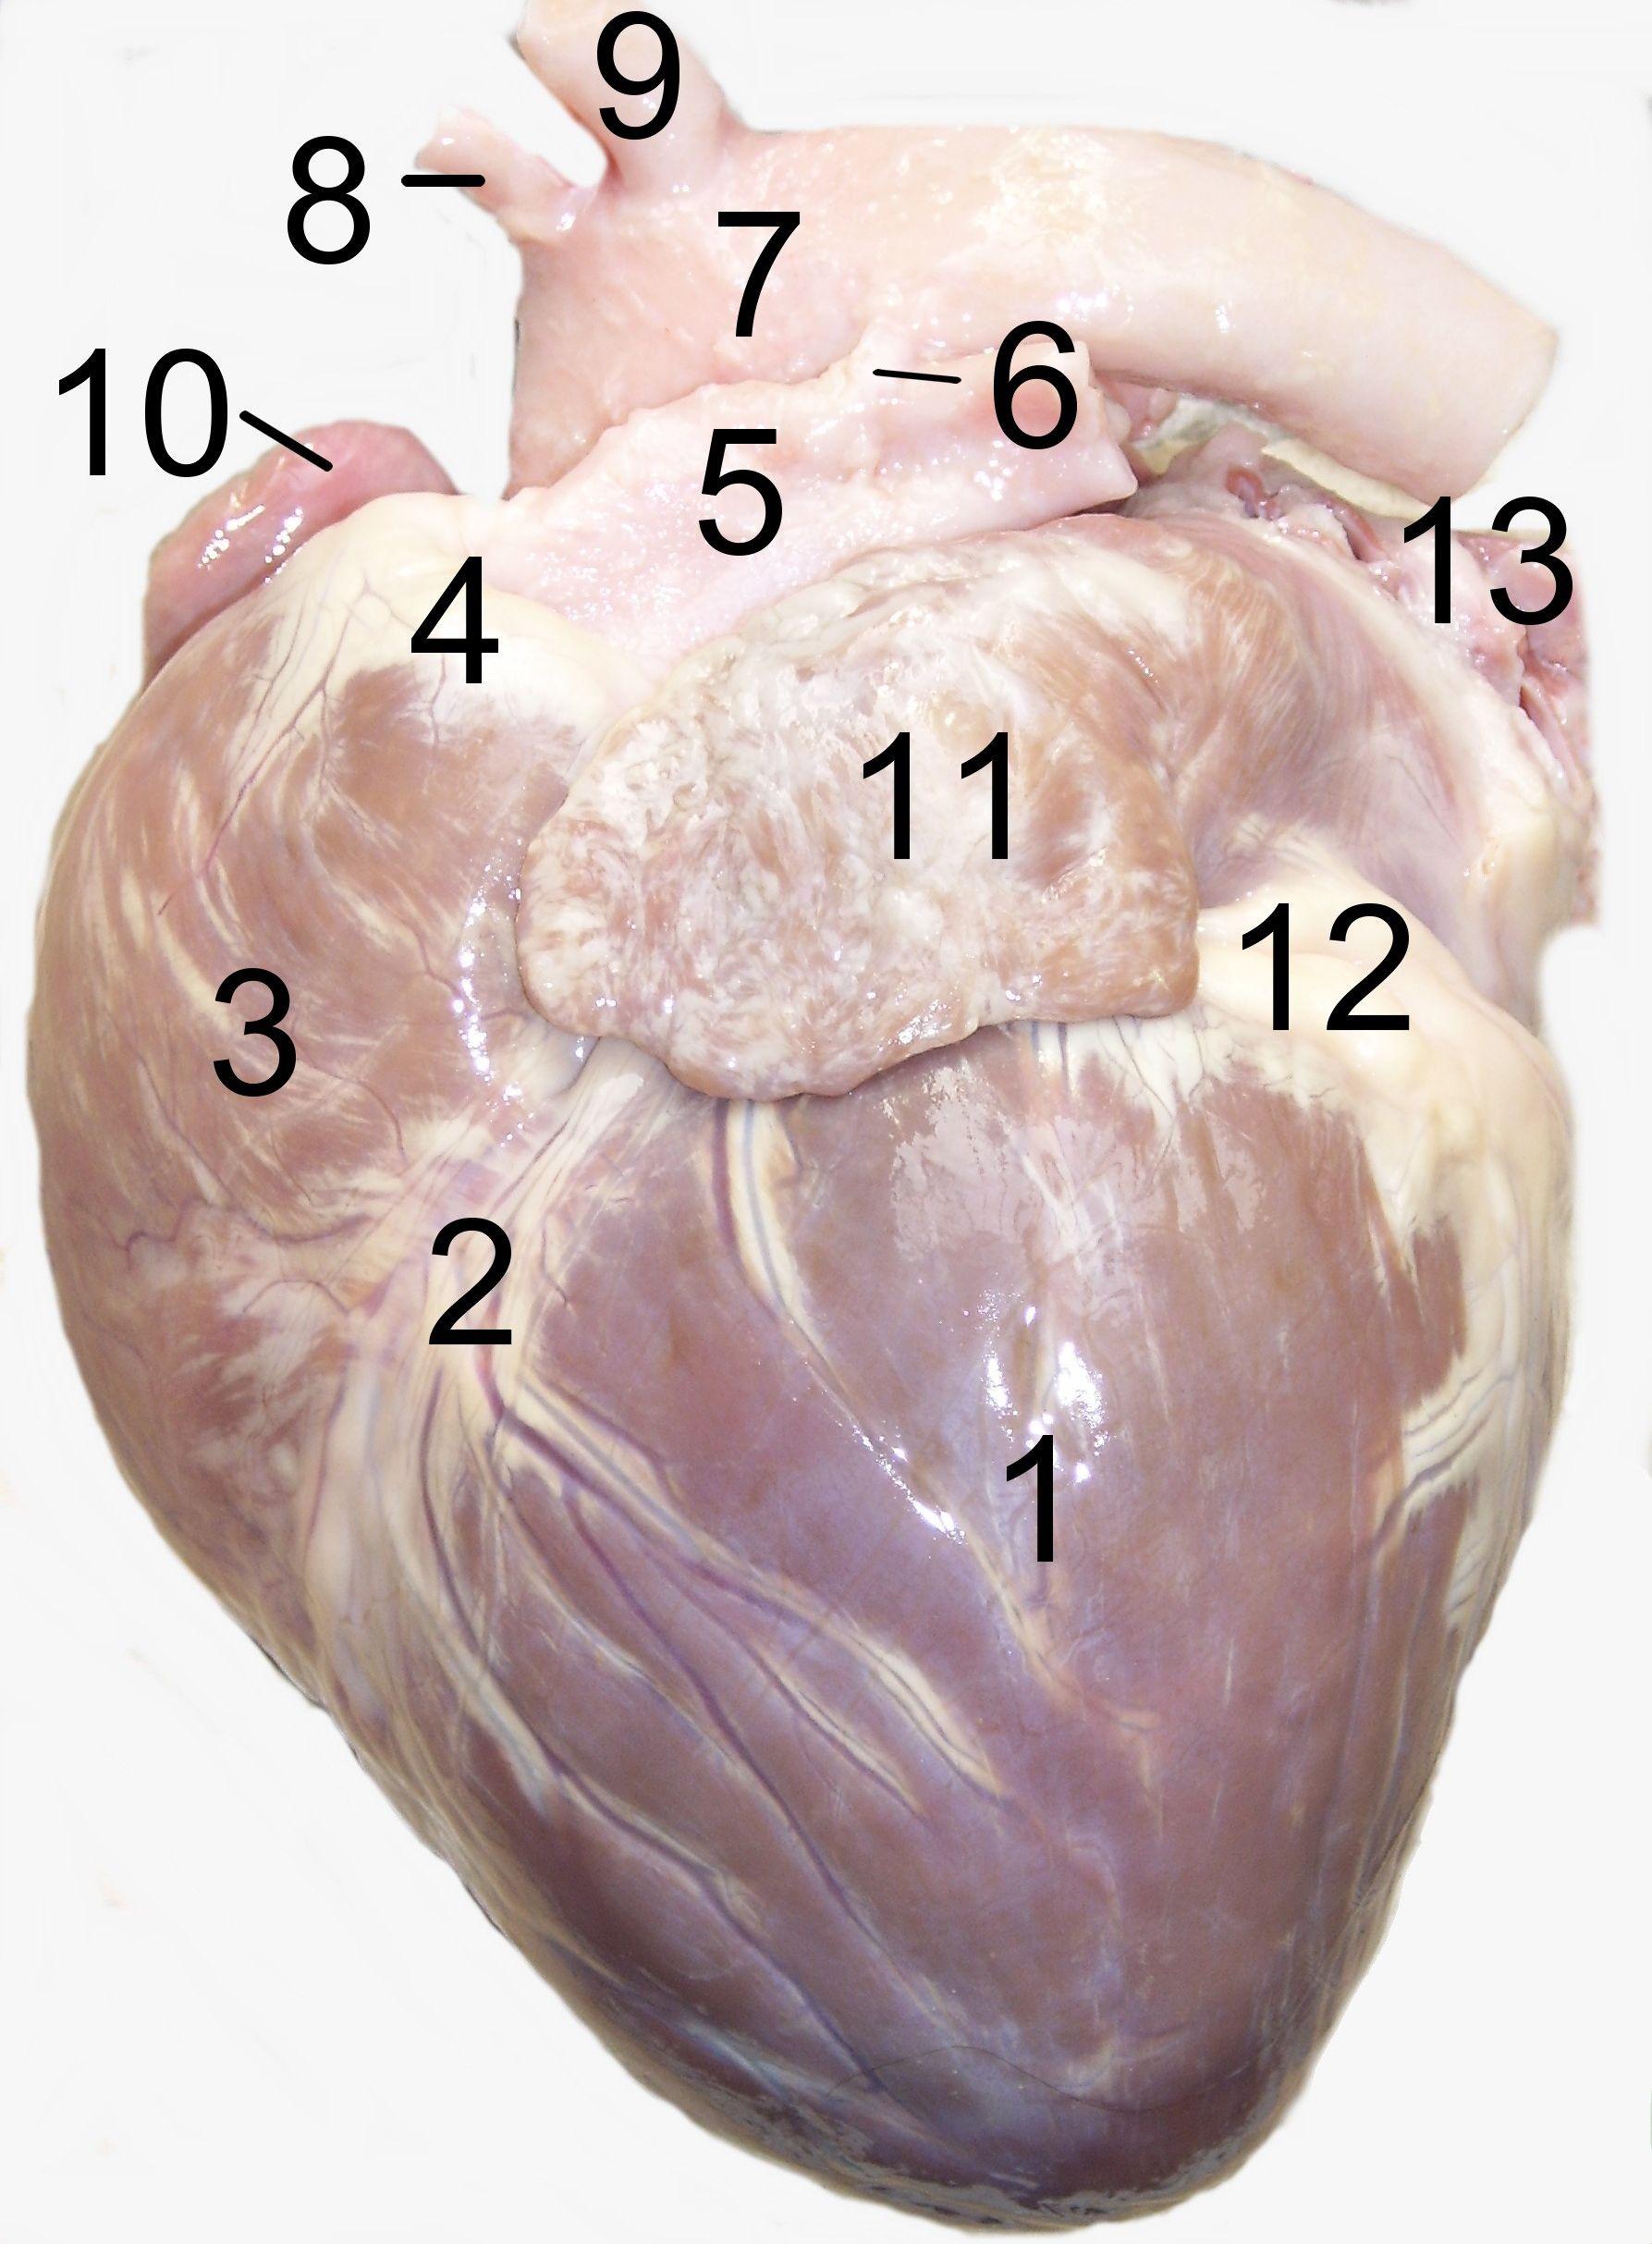 Doggie\'s heart / Corazón de perro visto desde la izquierda. 1 ...